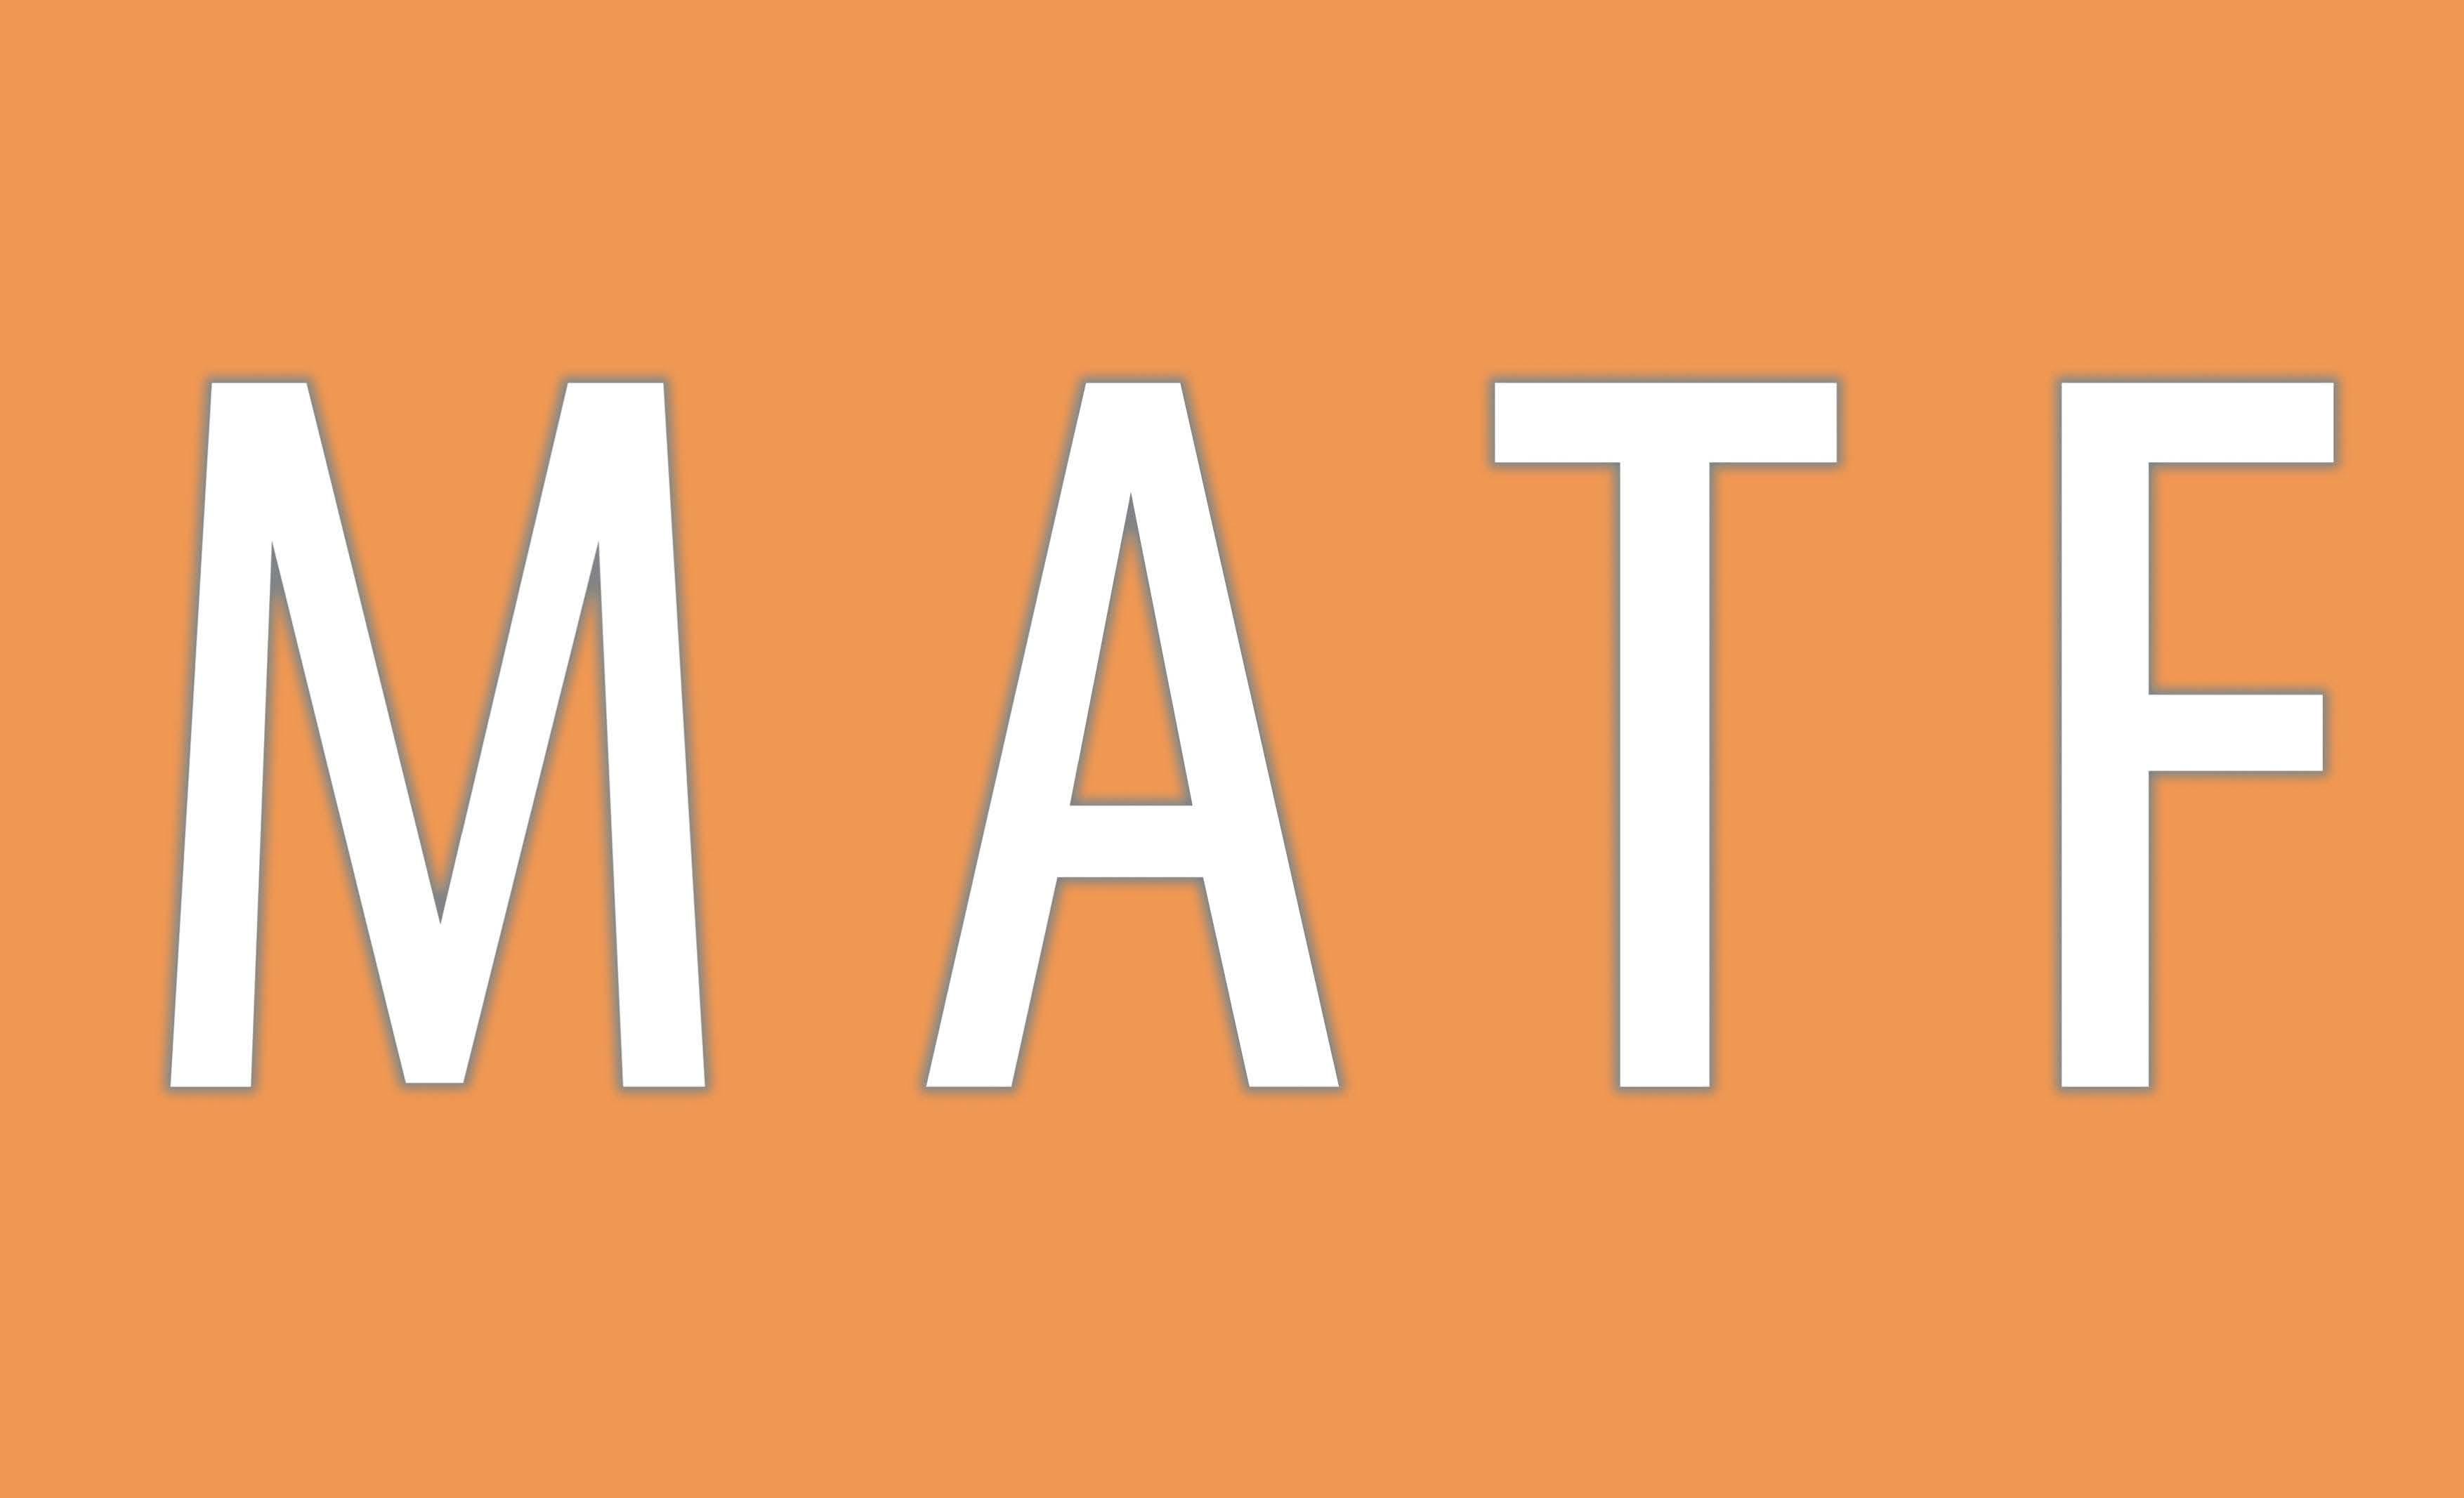 MATF logo